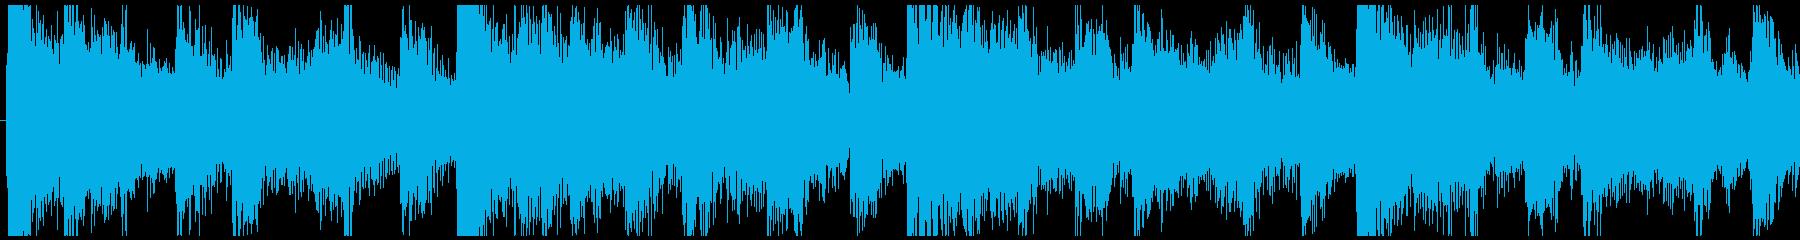 環境にやさしい事業紹介のCM曲-ループ3の再生済みの波形